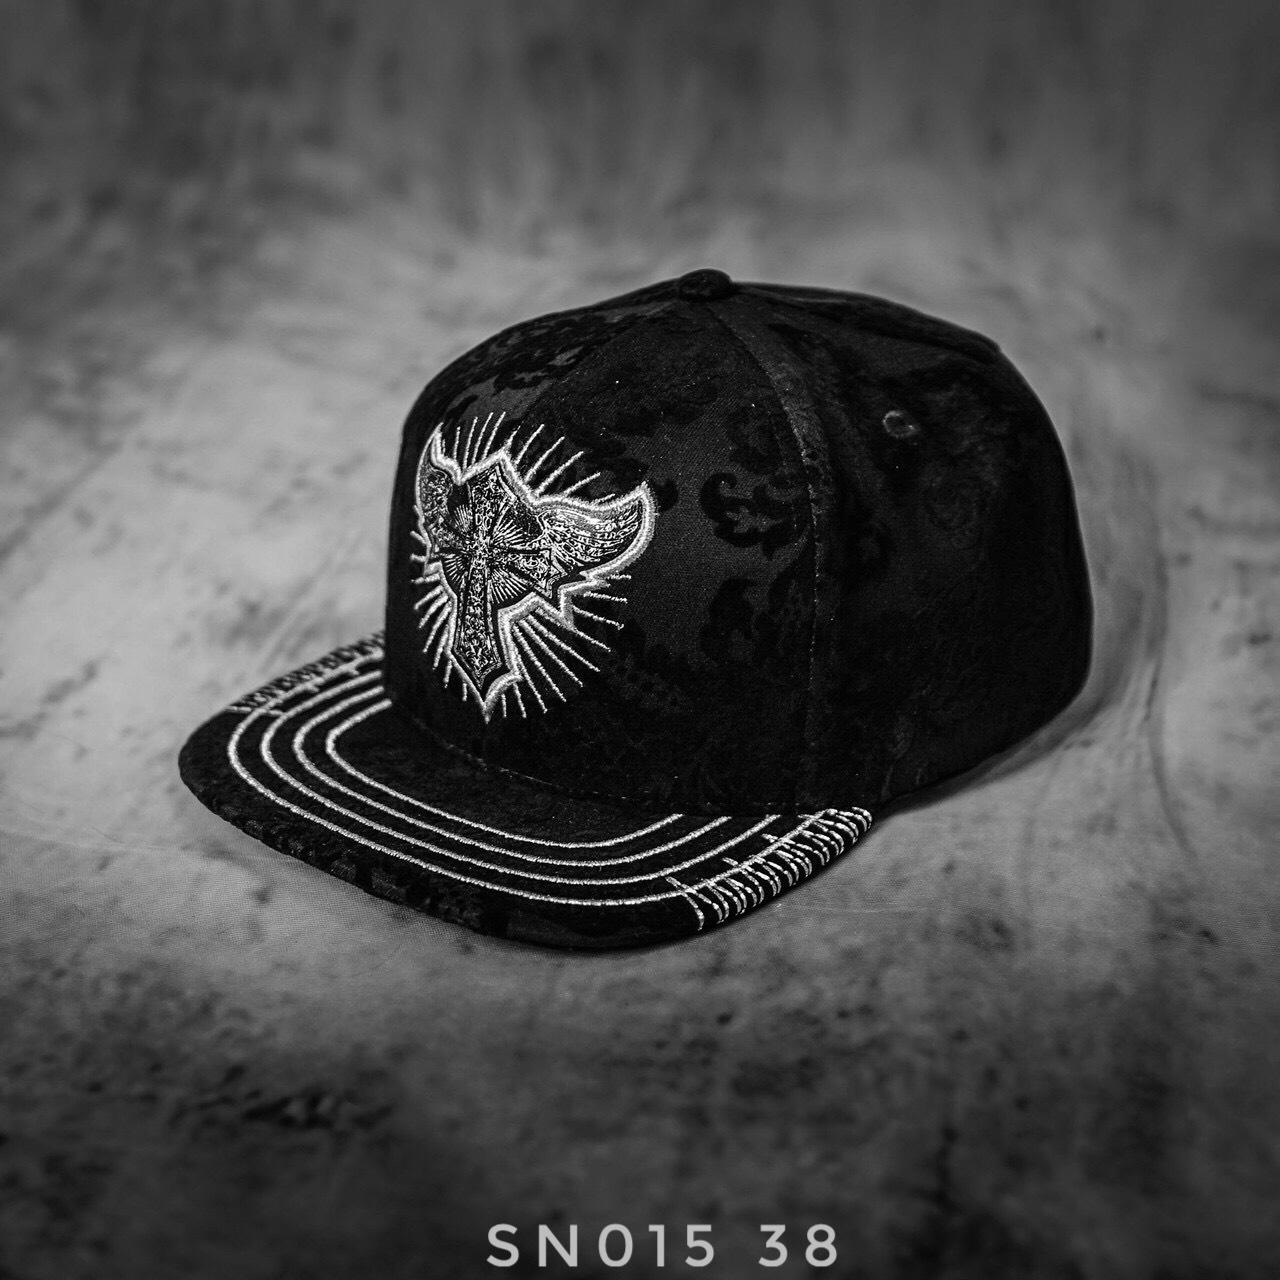 NÓN SN015